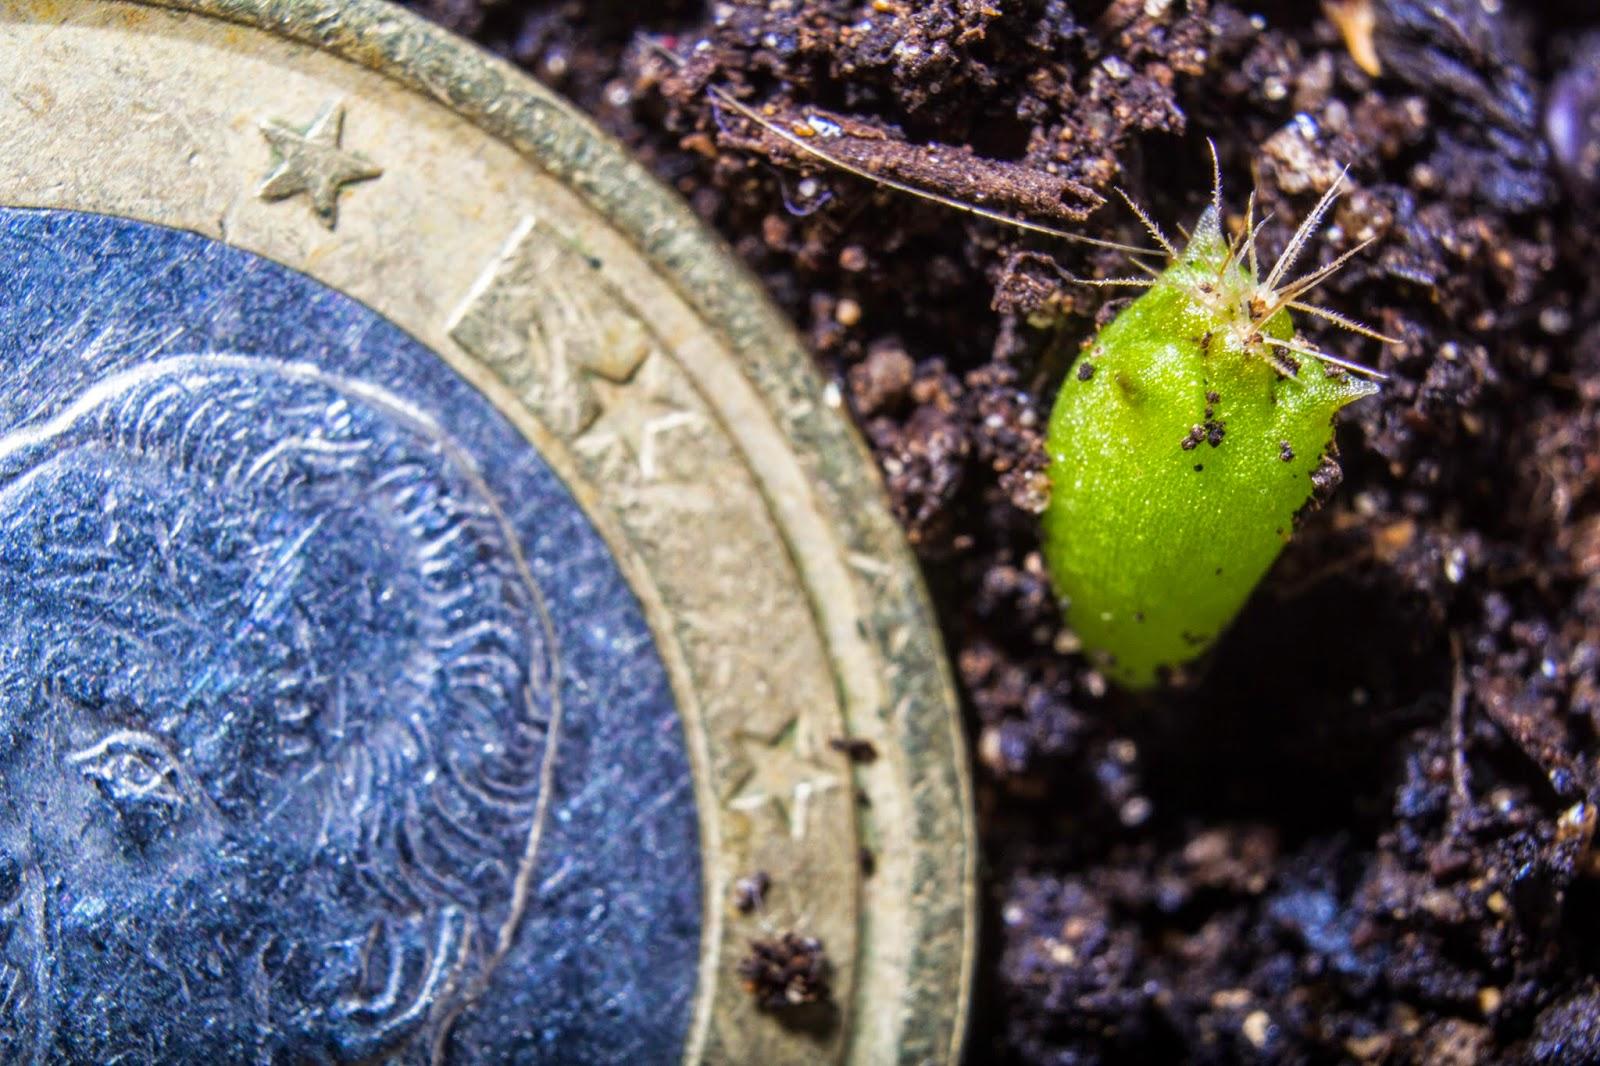 Fotografías macro de brotes de cactus